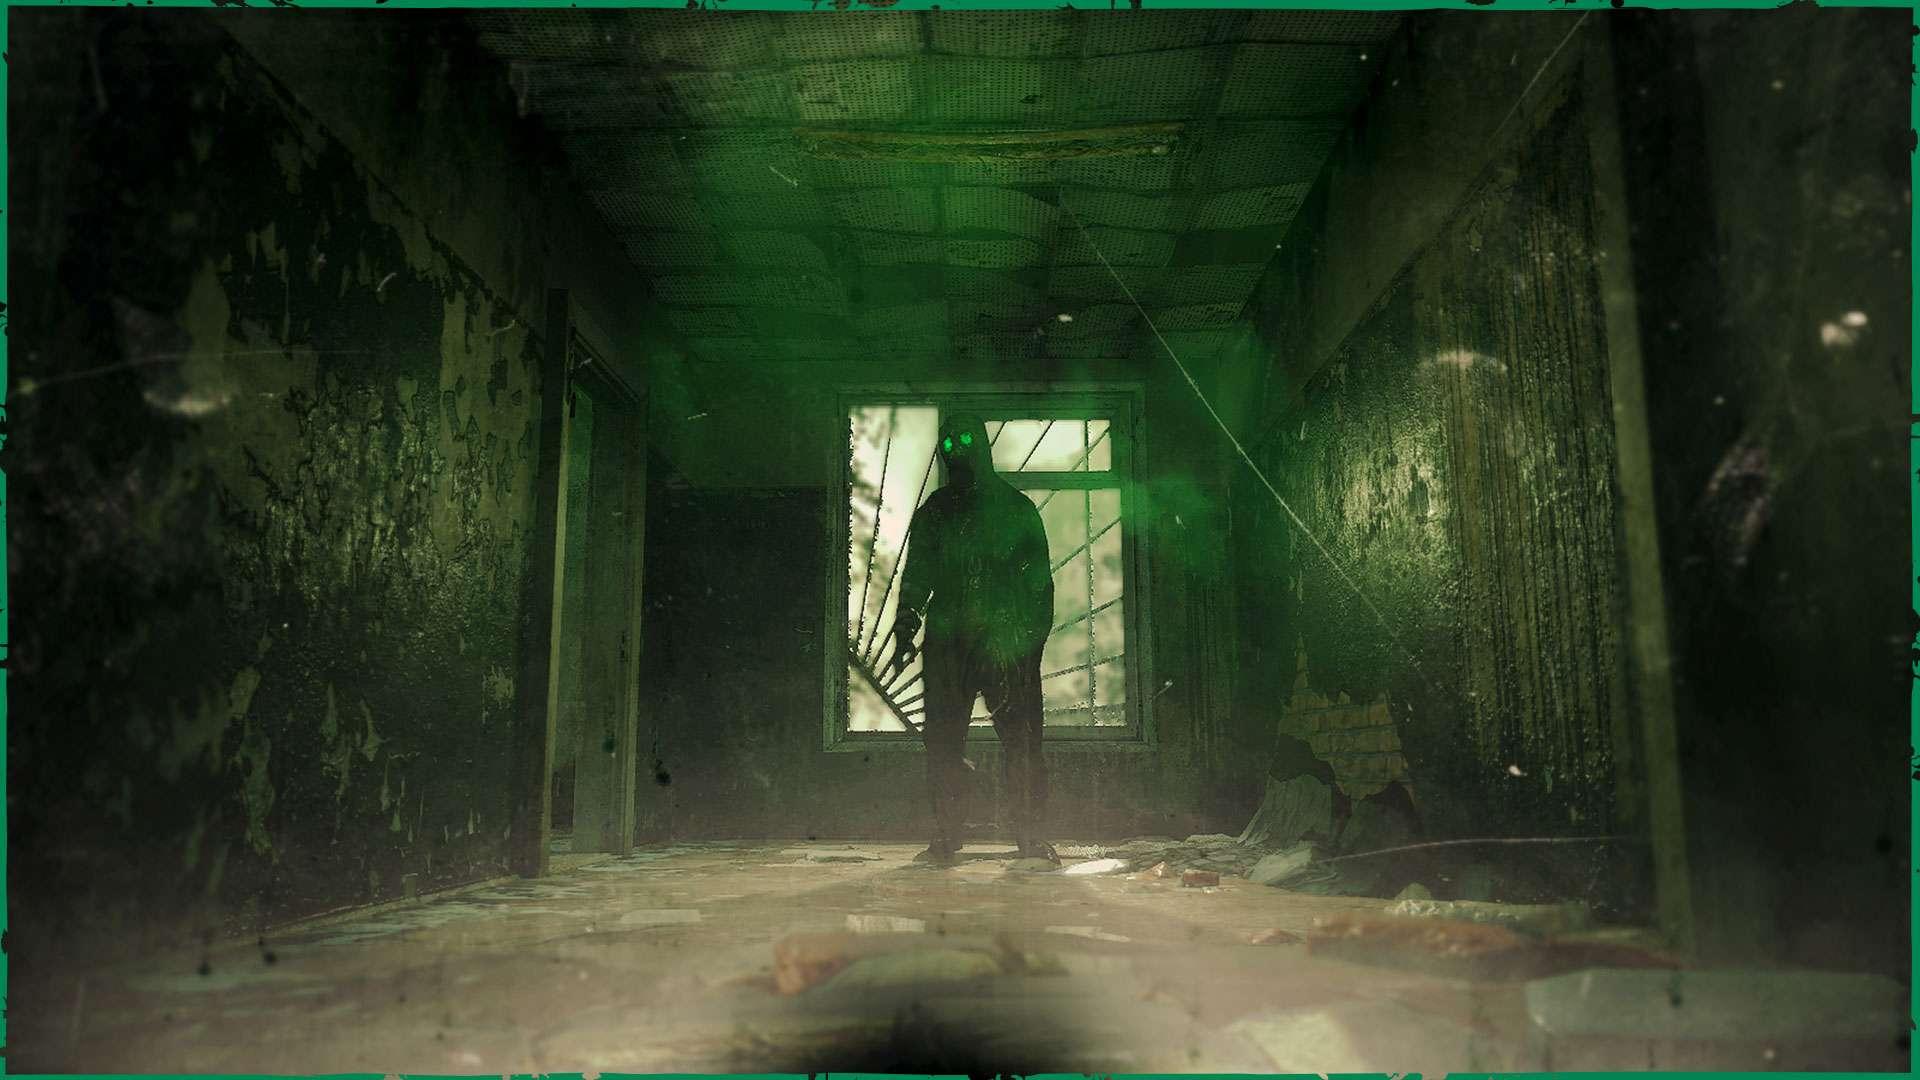 1628958439 746 vojdite v chernobylskuju zonu otchuzhdenija v chernobylite 7 sentjabrja - ВОЙДИТЕ В ЧЕРНОБЫЛЬСКУЮ ЗОНУ ОТЧУЖДЕНИЯ В «CHERNOBYLITE» 7 СЕНТЯБРЯ